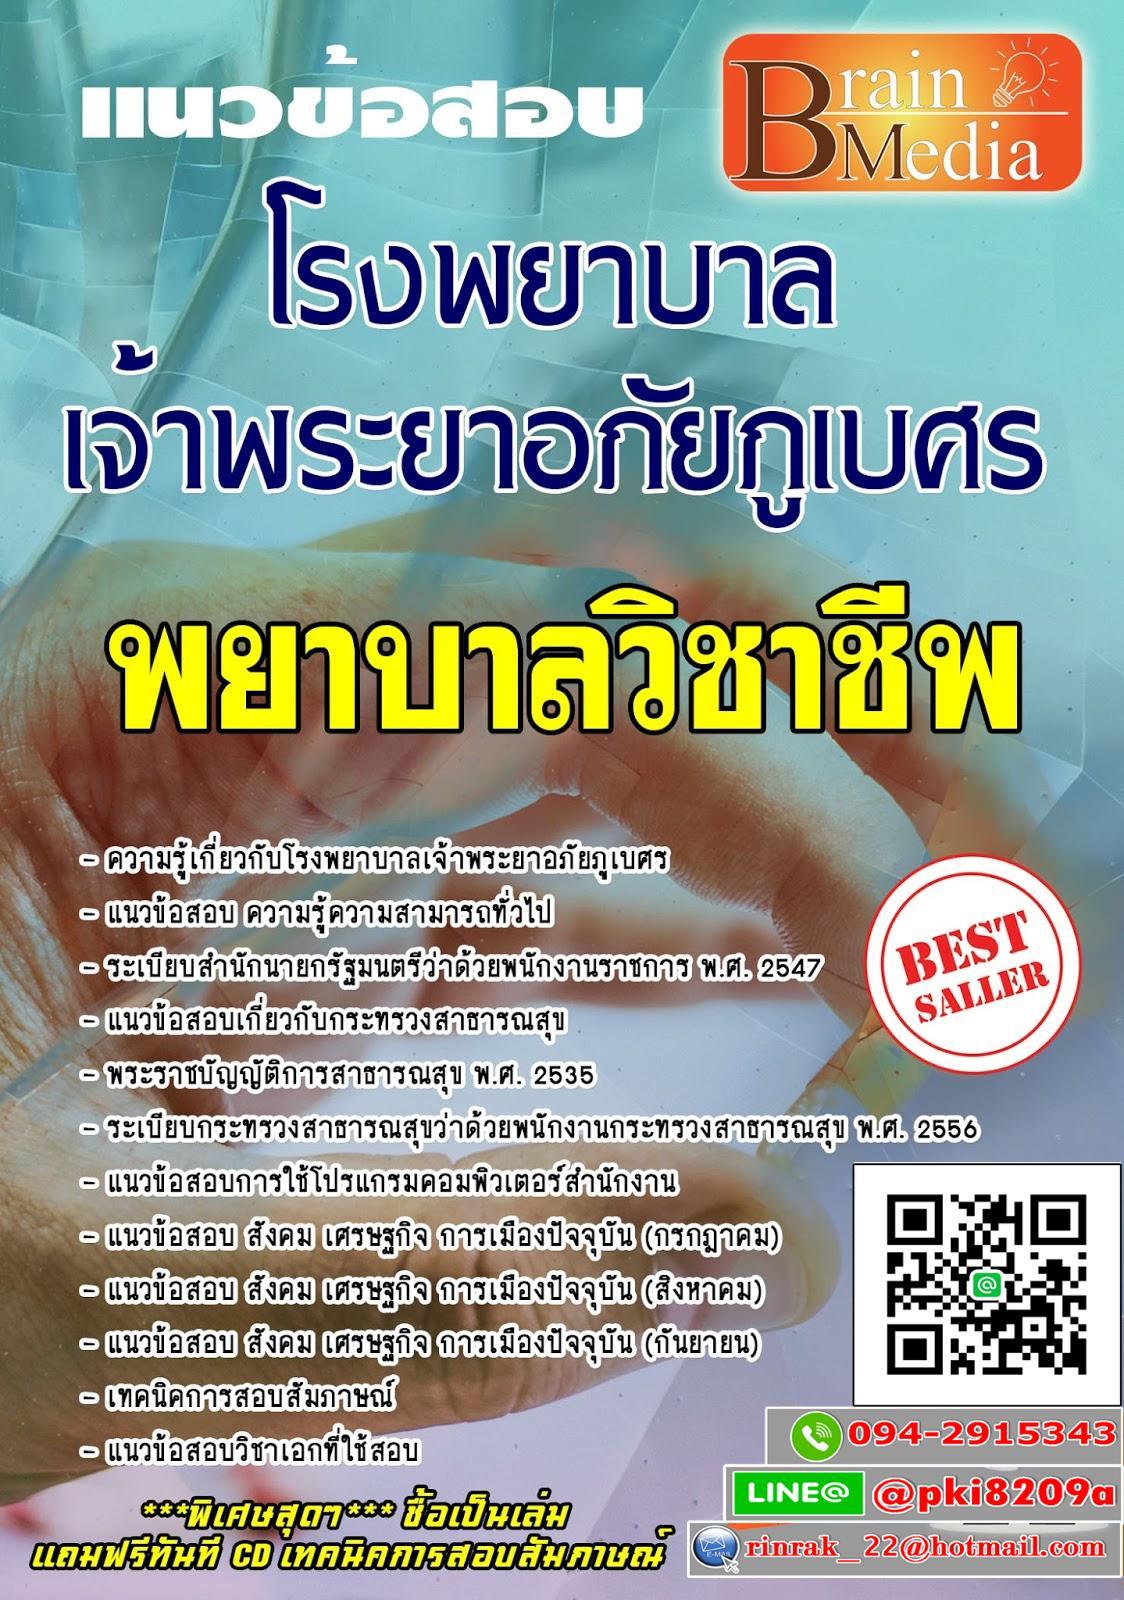 สรุปแนวข้อสอบ พยาบาลวิชาชีพ โรงพยาบาลเจ้าพระยาอภัยภูเบศร